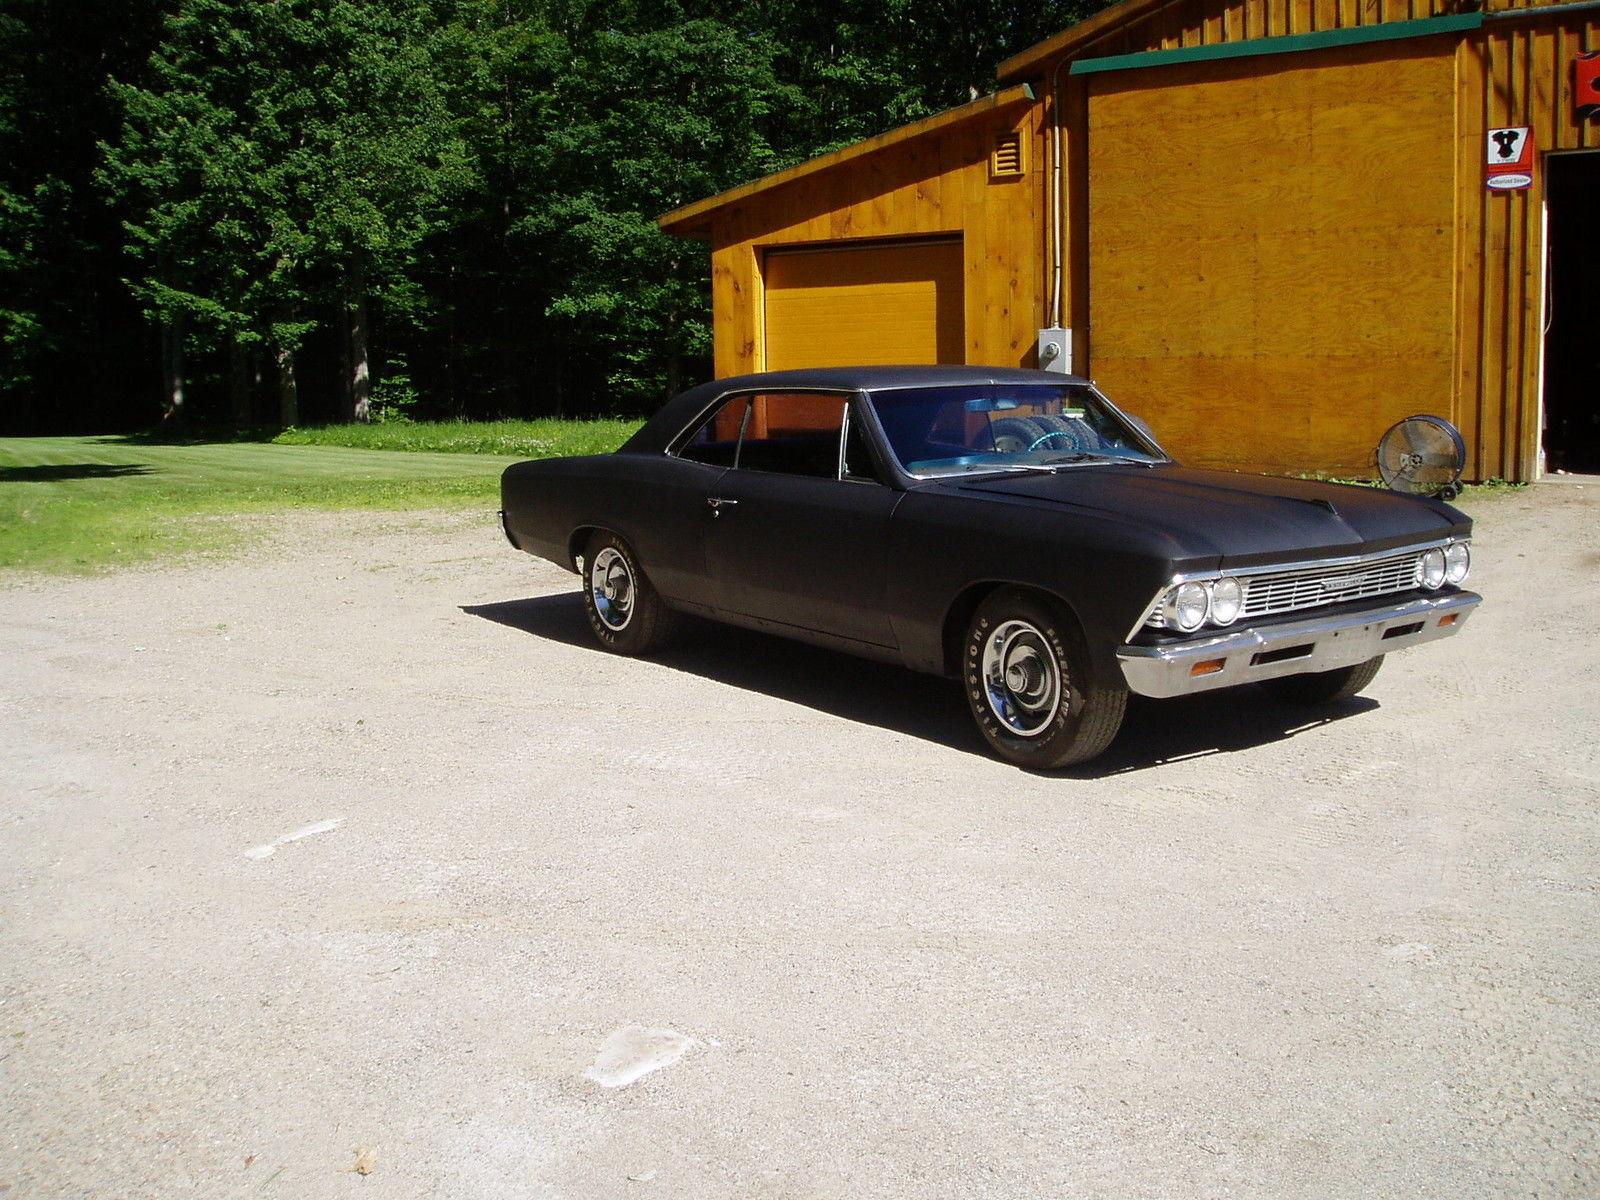 1966 Chevrolet Chevelle Malibu-11